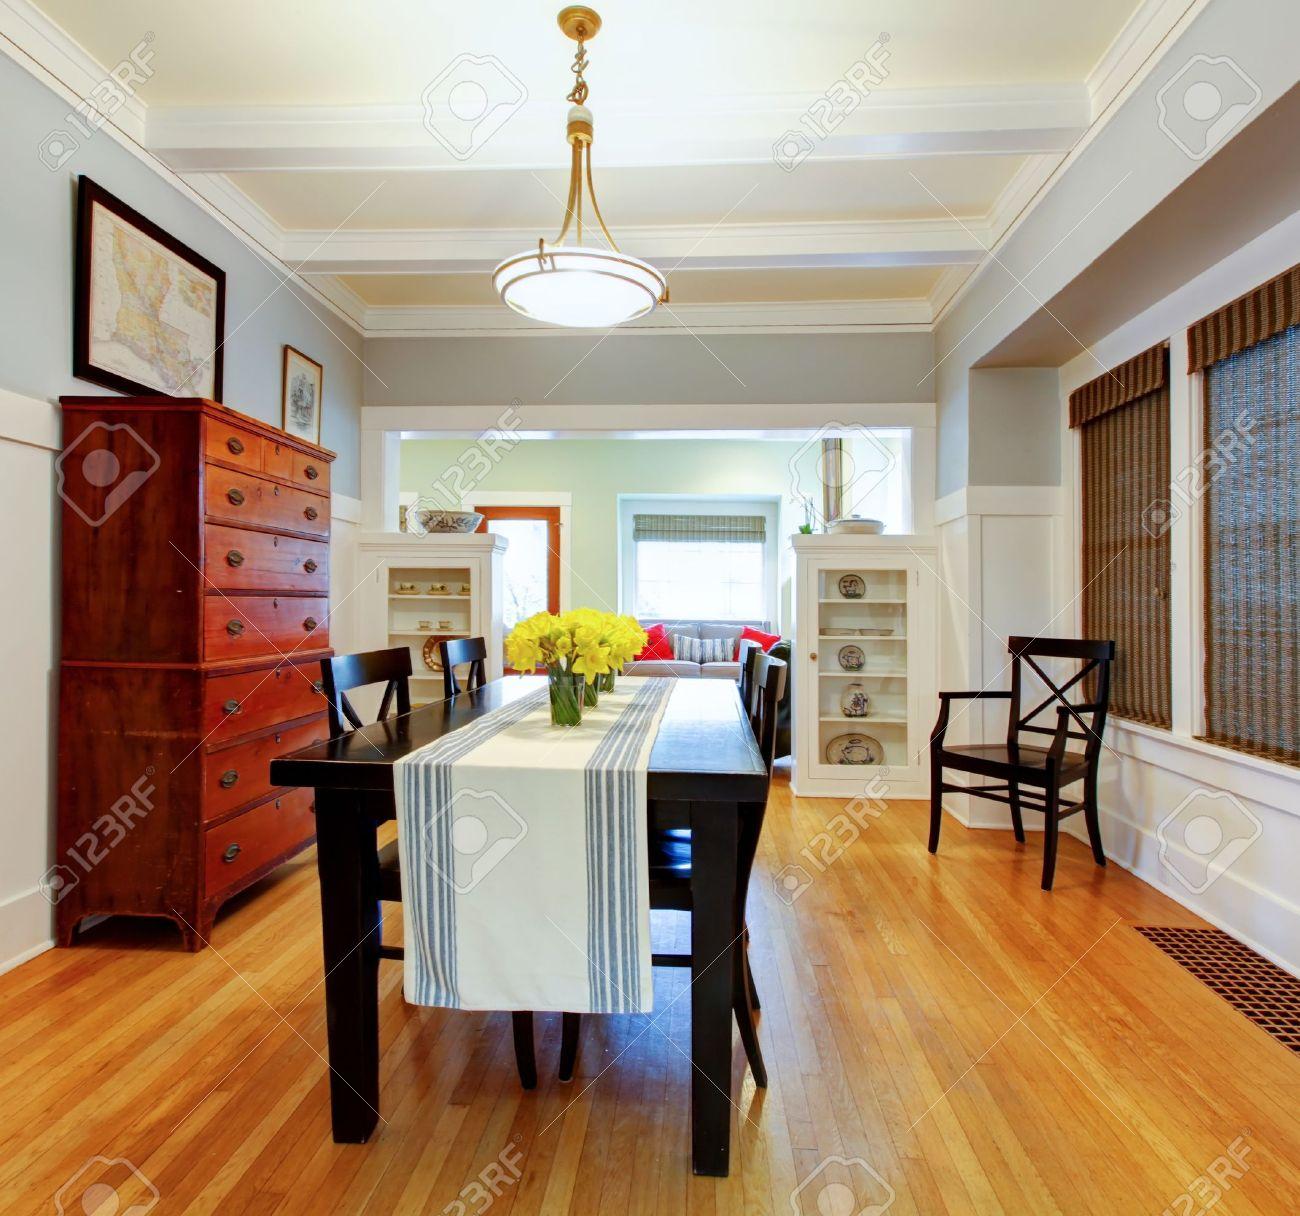 Comedor interior de la habitación con una mesa grande de color negro y una  cómoda de madera con paredes grises azules.